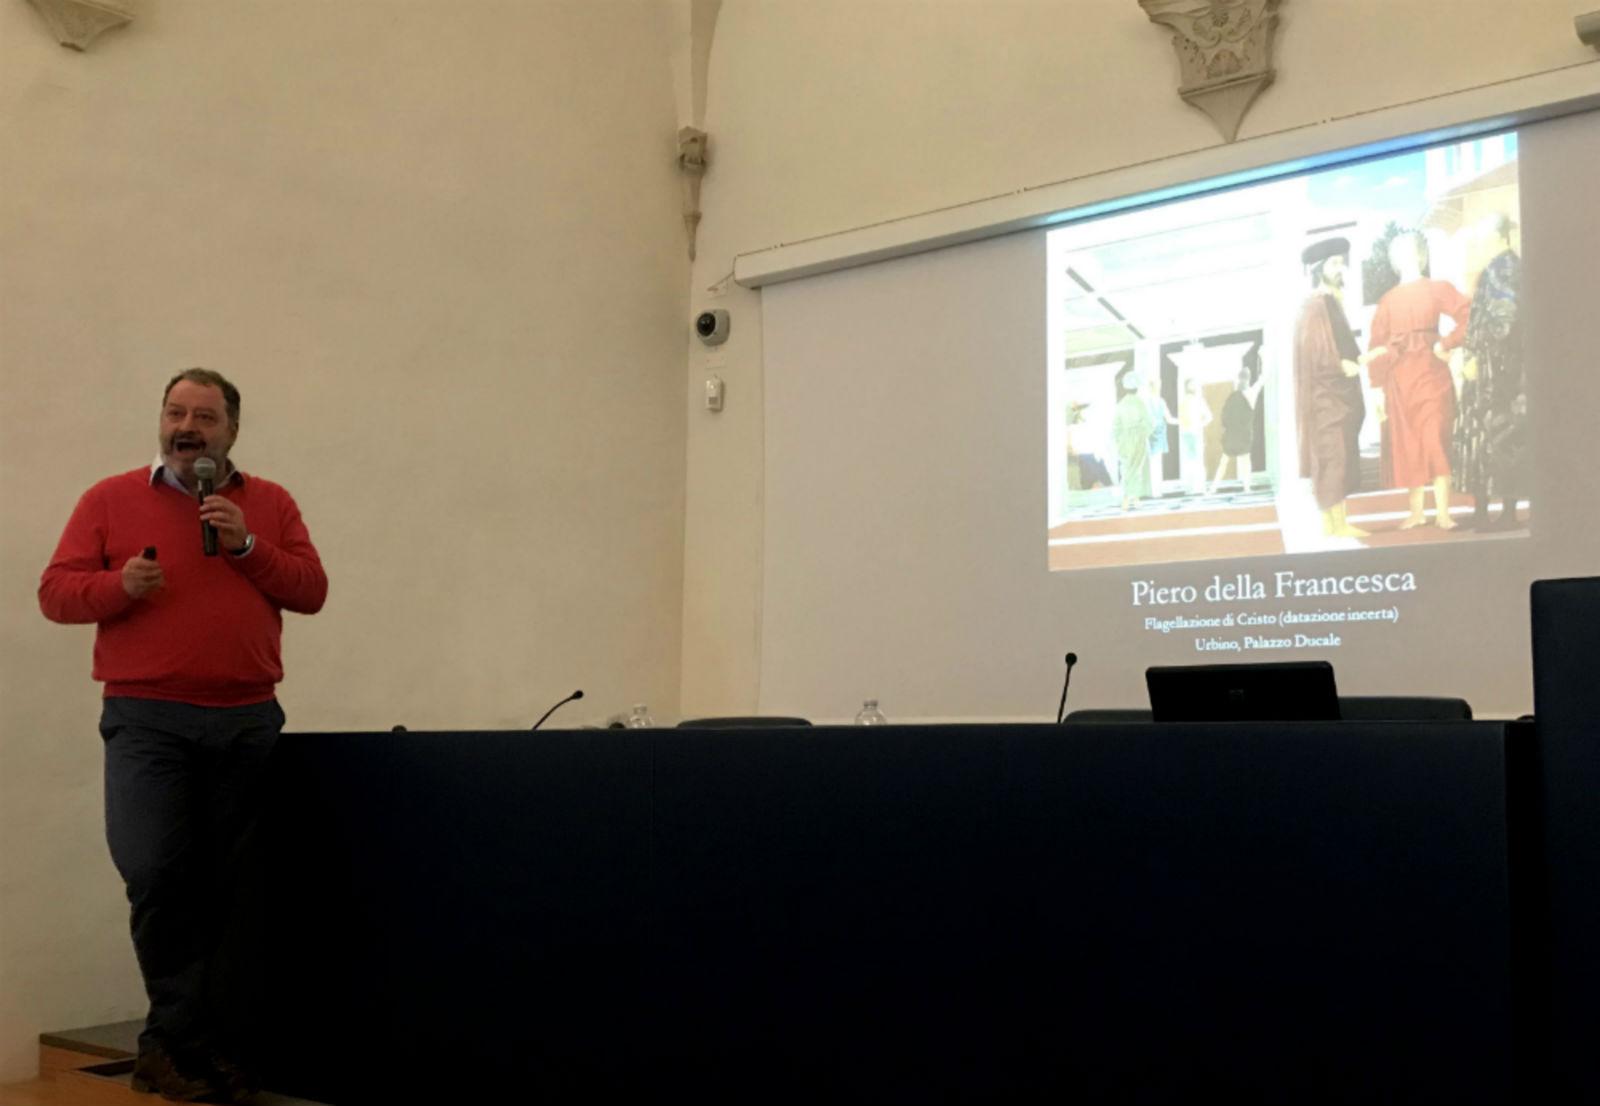 armando castagno   Il senso della misura. Il lascito di Piero della Francesca è la proporzione nel vino bianchello del Metauro DOC palazzo ducale di urbino